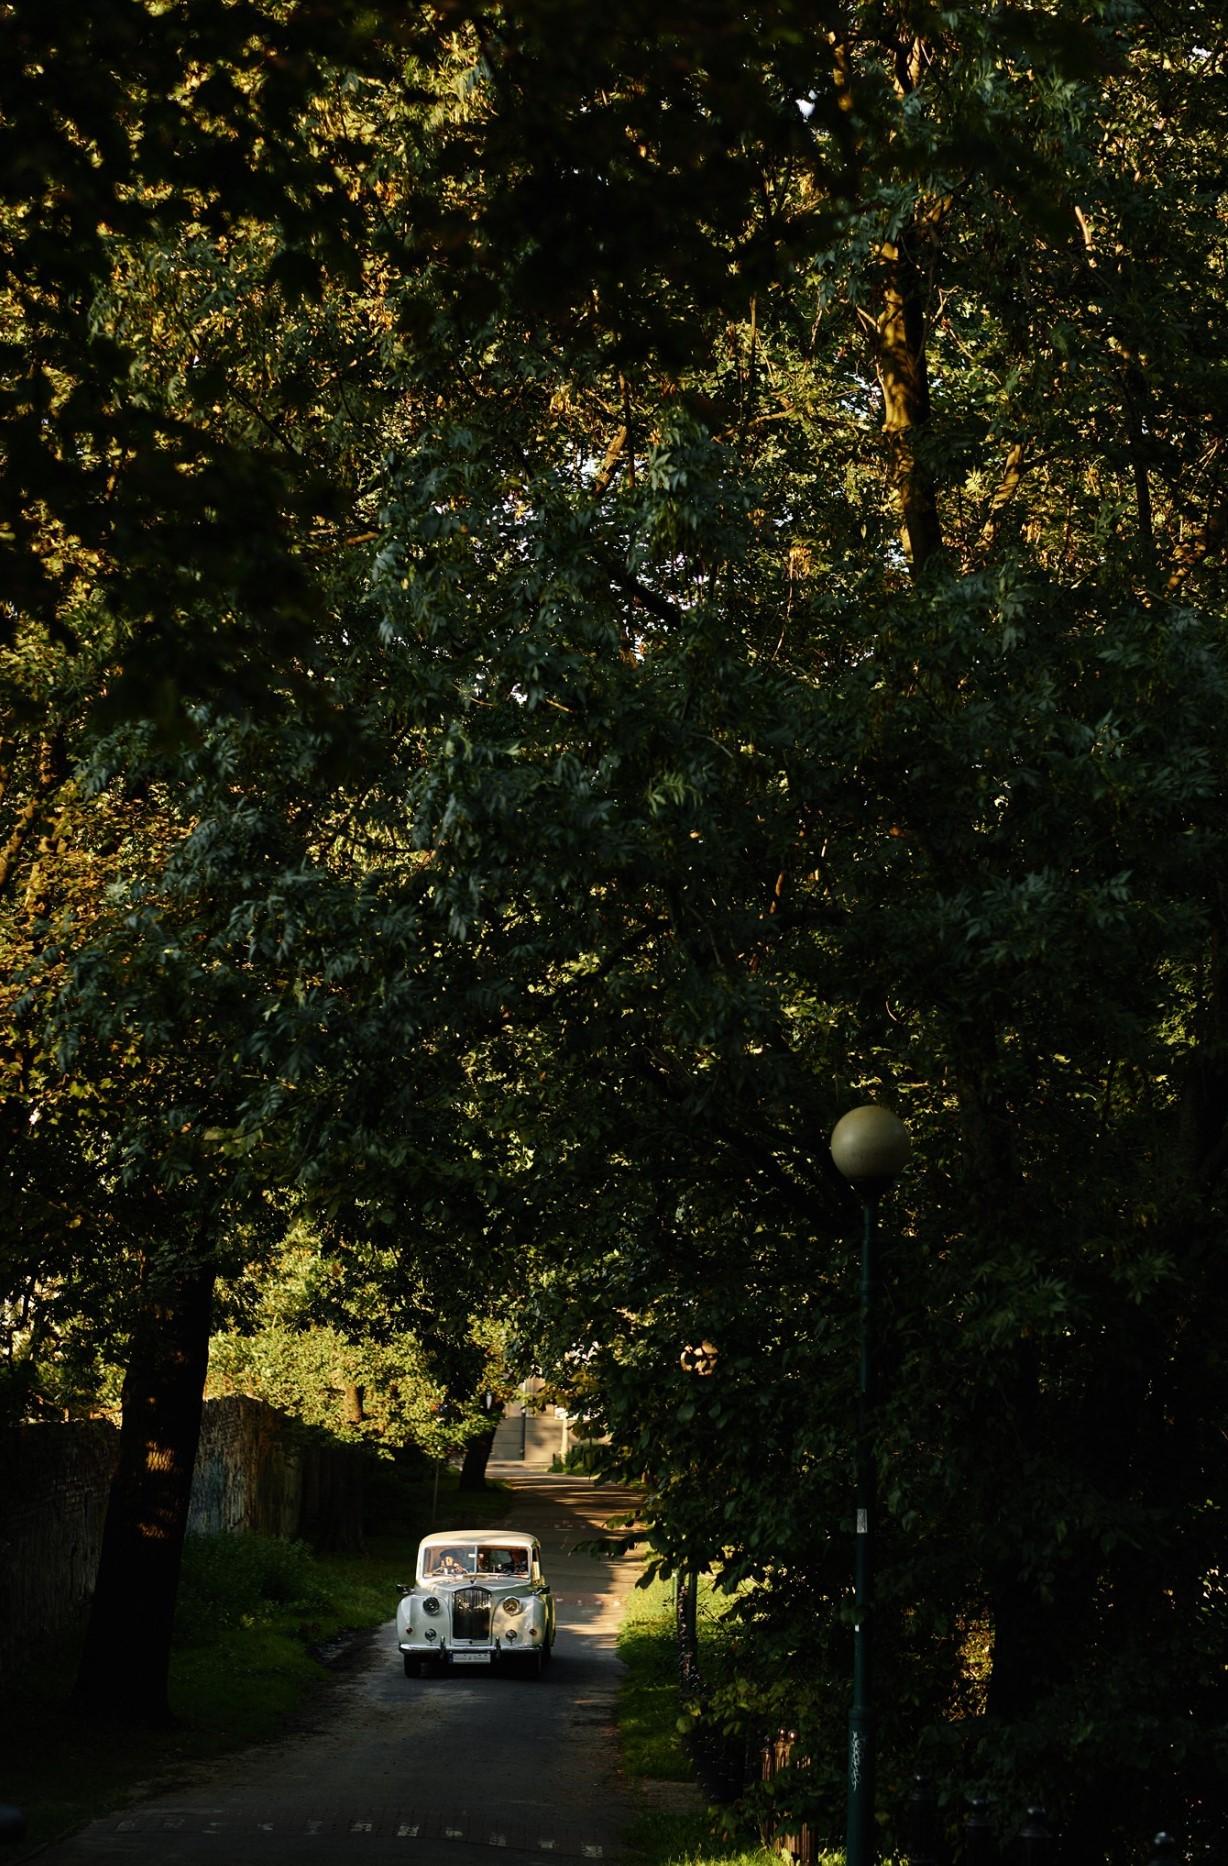 wesele, szmaragd, złoto, konsultant ślubny, wesele w klubie bankowca, greenery, gold, emerald, konsultant ślubny, konsultant ślubny warszawa, wedding planner, organizacja wesel, organizacja ślubów, organizacja ślubu, warszawa, samochód na ślub, samochód na ślub warszawa